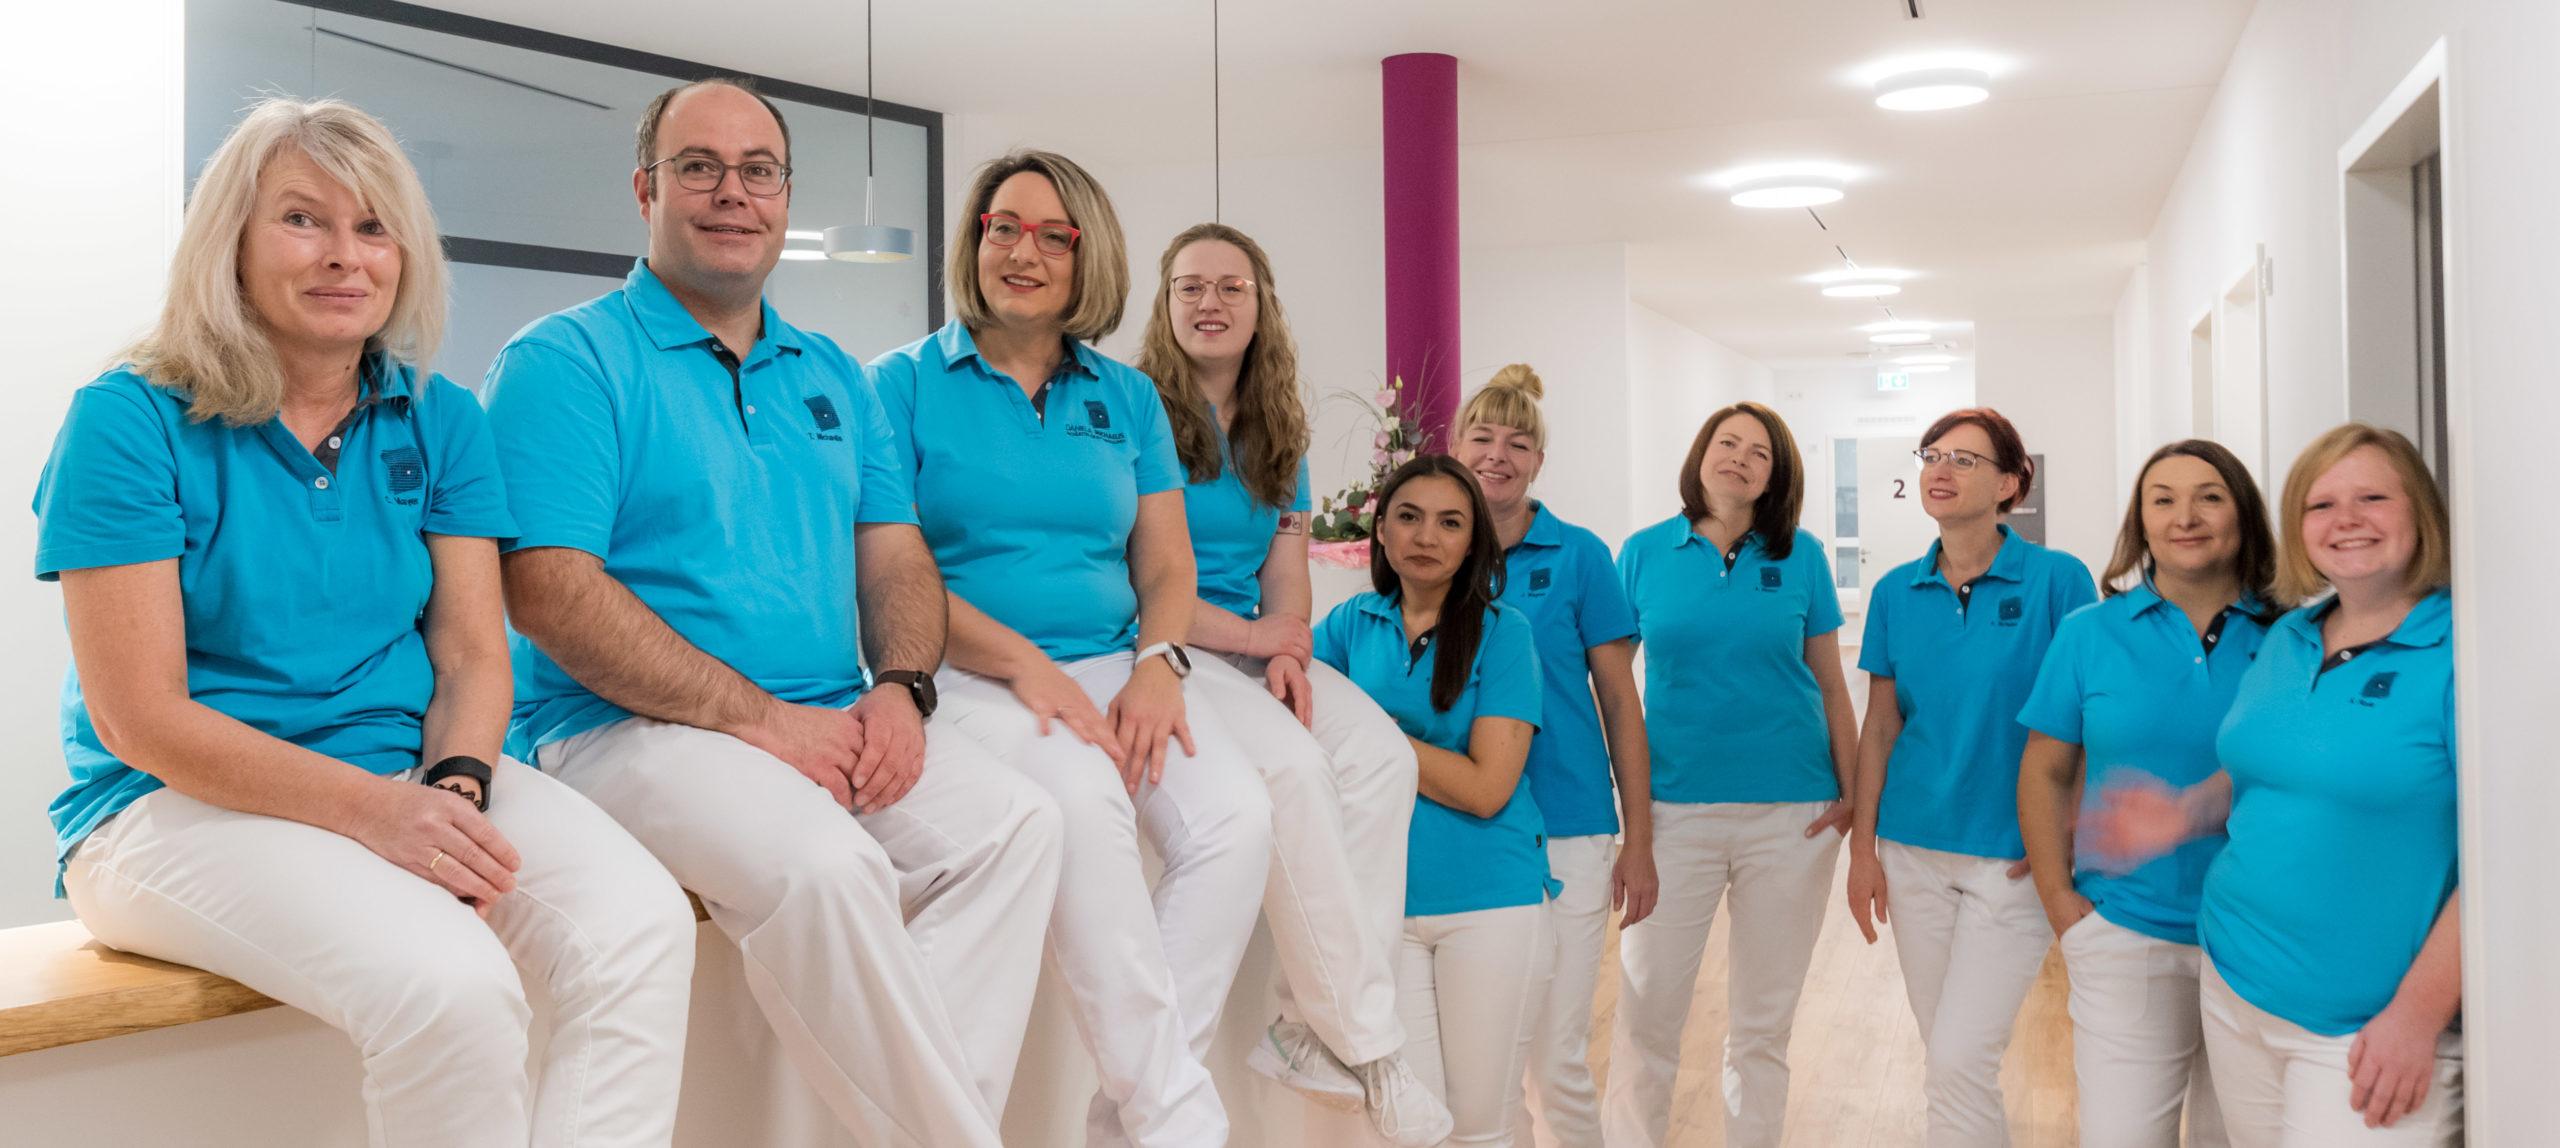 Das eingespielte Praxis-Team der Augenarzt-Praxis Daniela Michaelis, Radolfzell, stellt sich vor. Und setzt sich ein für die Augengesundheit der Patienten aus Singen-Konstanz-Schweiz.